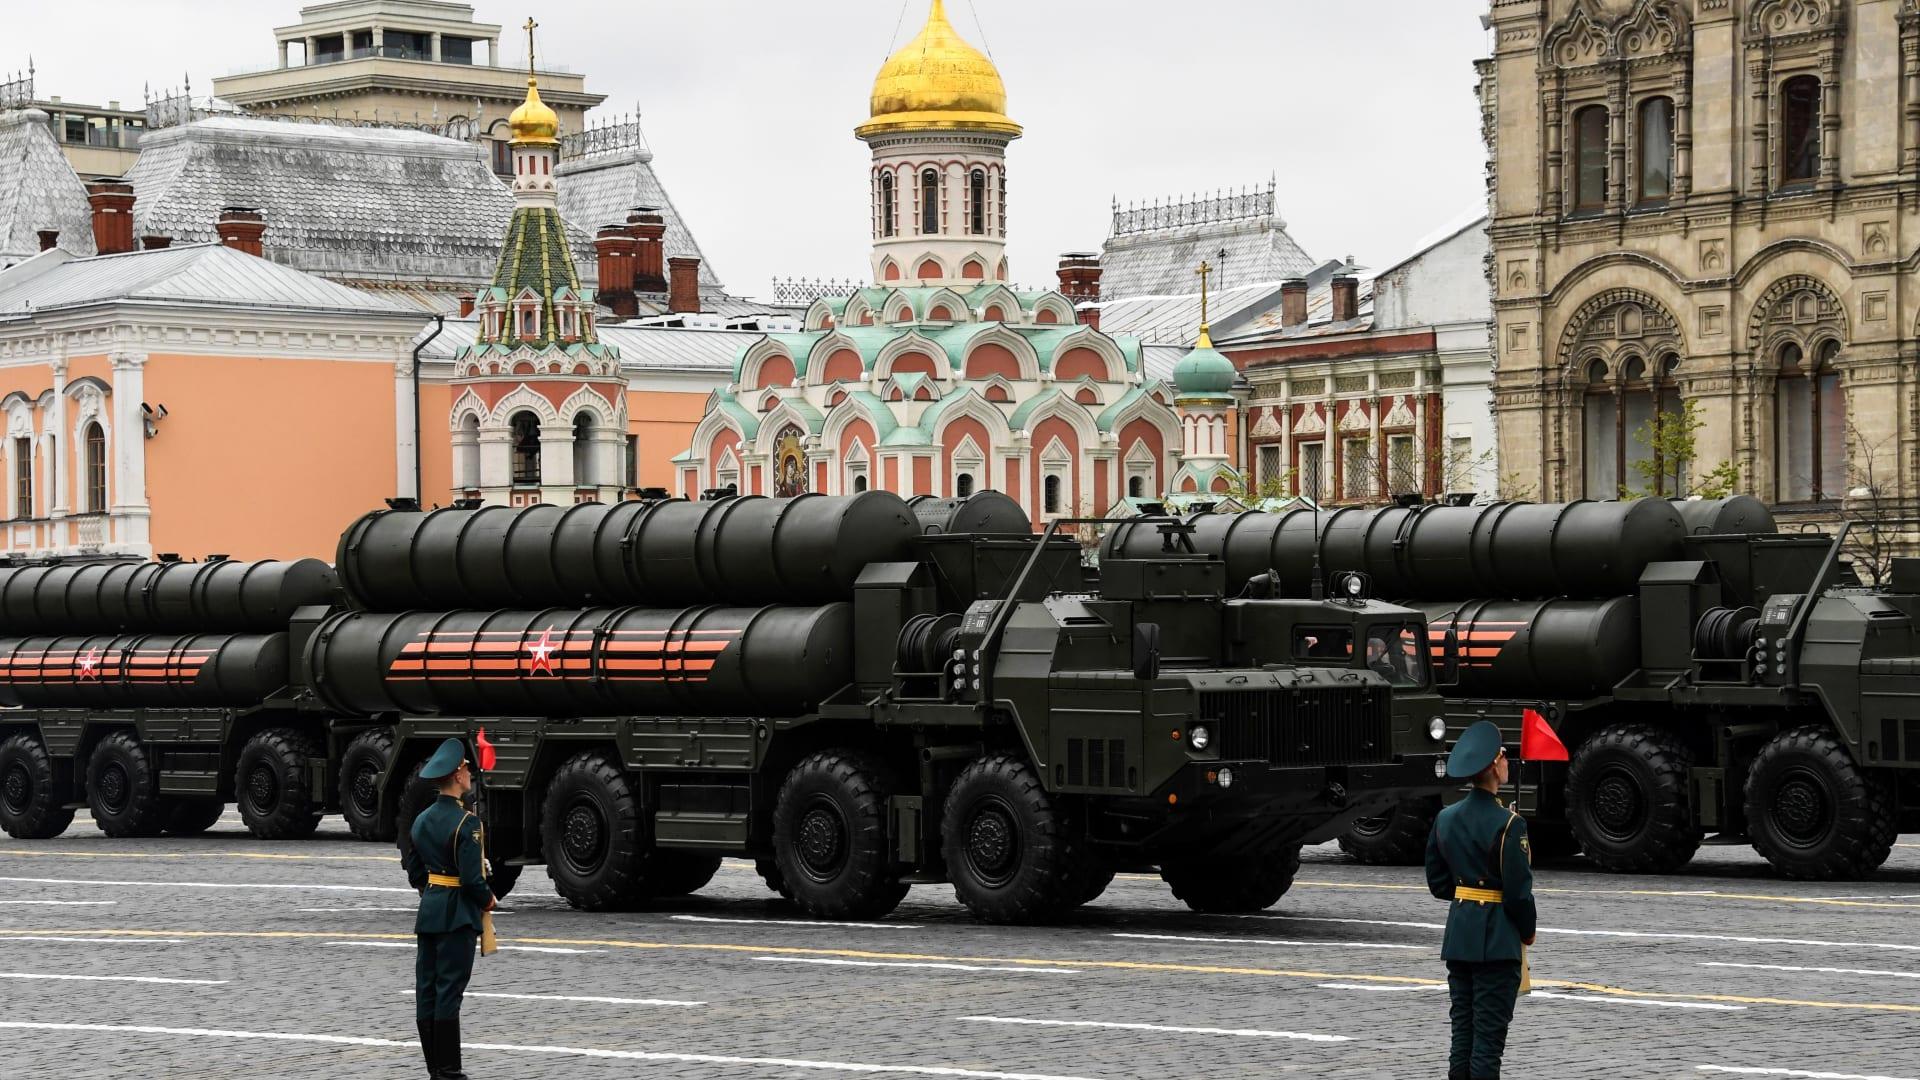 السعودية تشتريها من روسيا.. ماذا تعرف عن منظومة صواريخ S-400؟